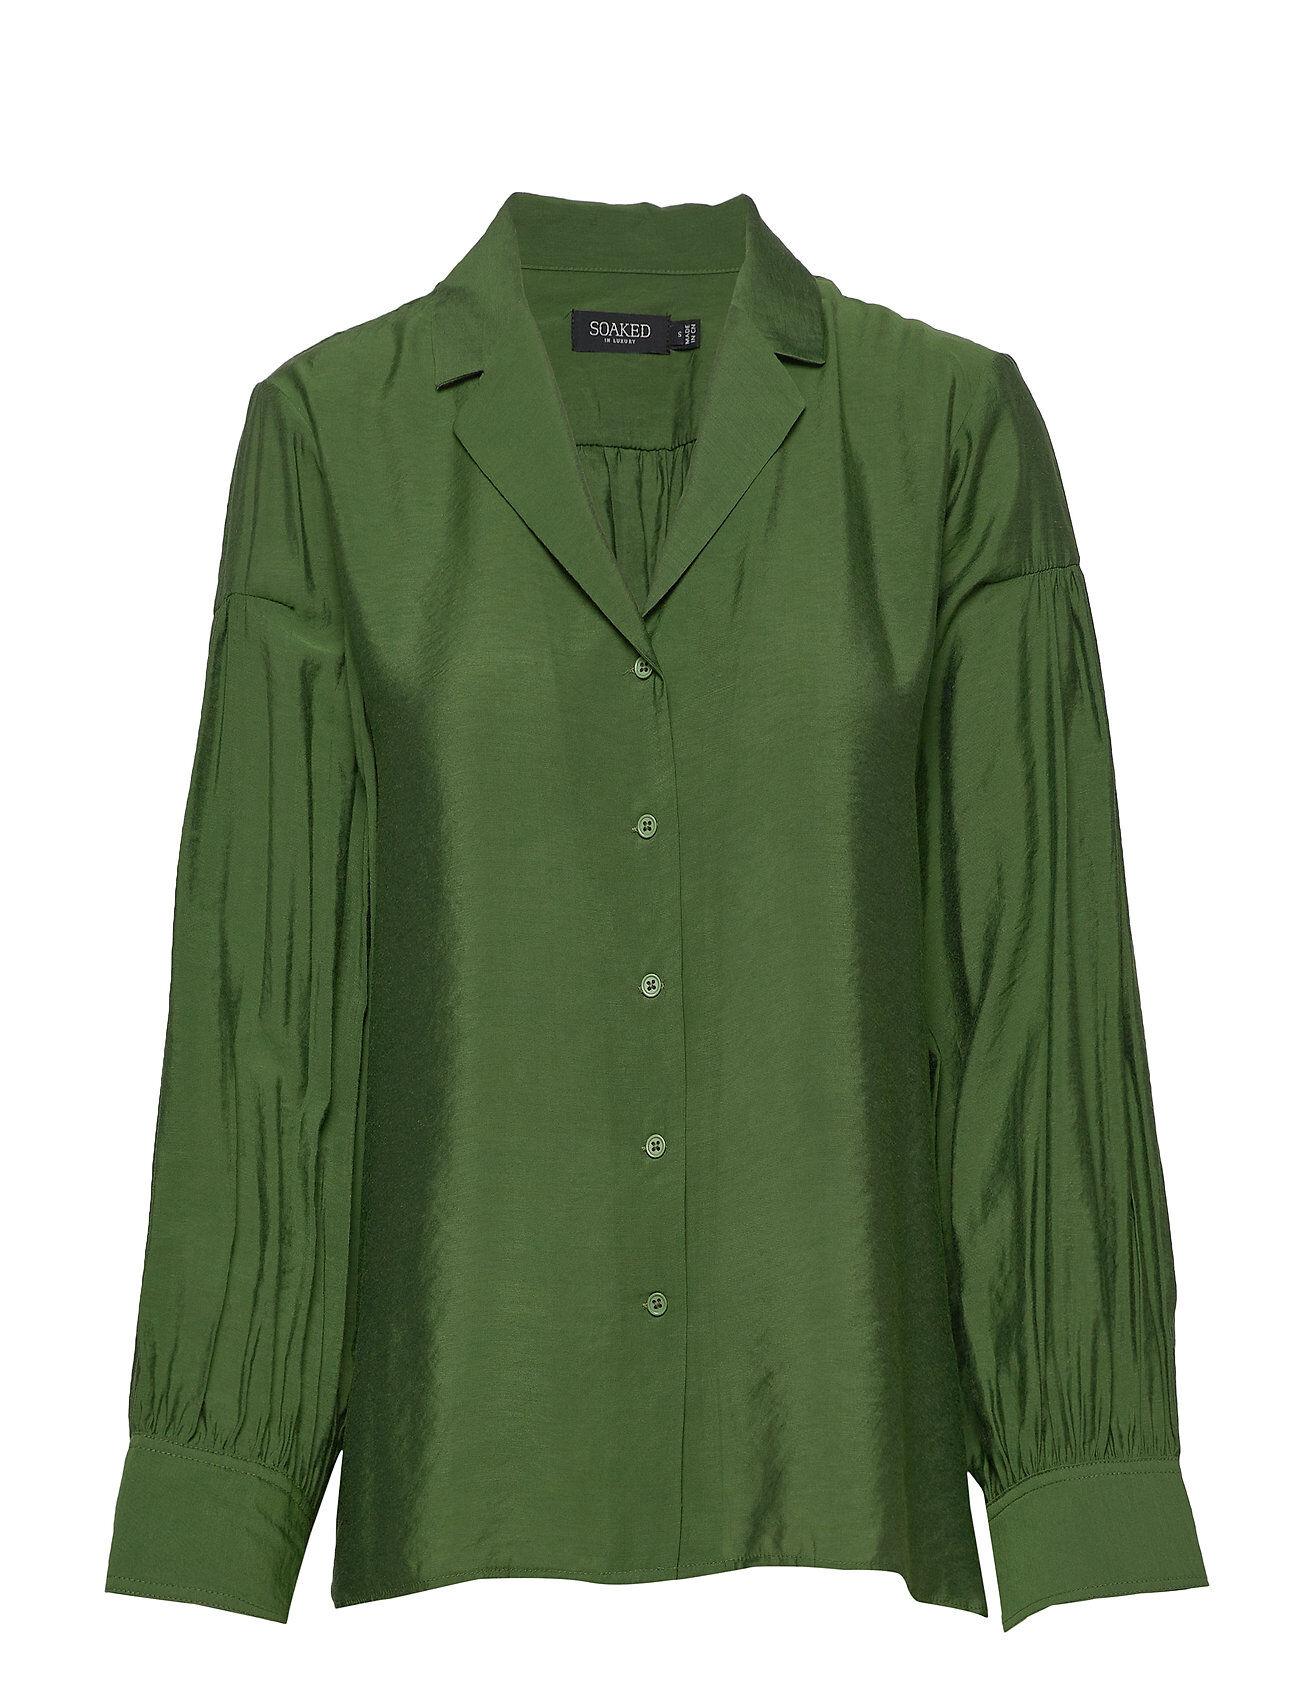 Soaked in Luxury Slperama Shirt Pitkähihainen Paita Vihreä Soaked In Luxury